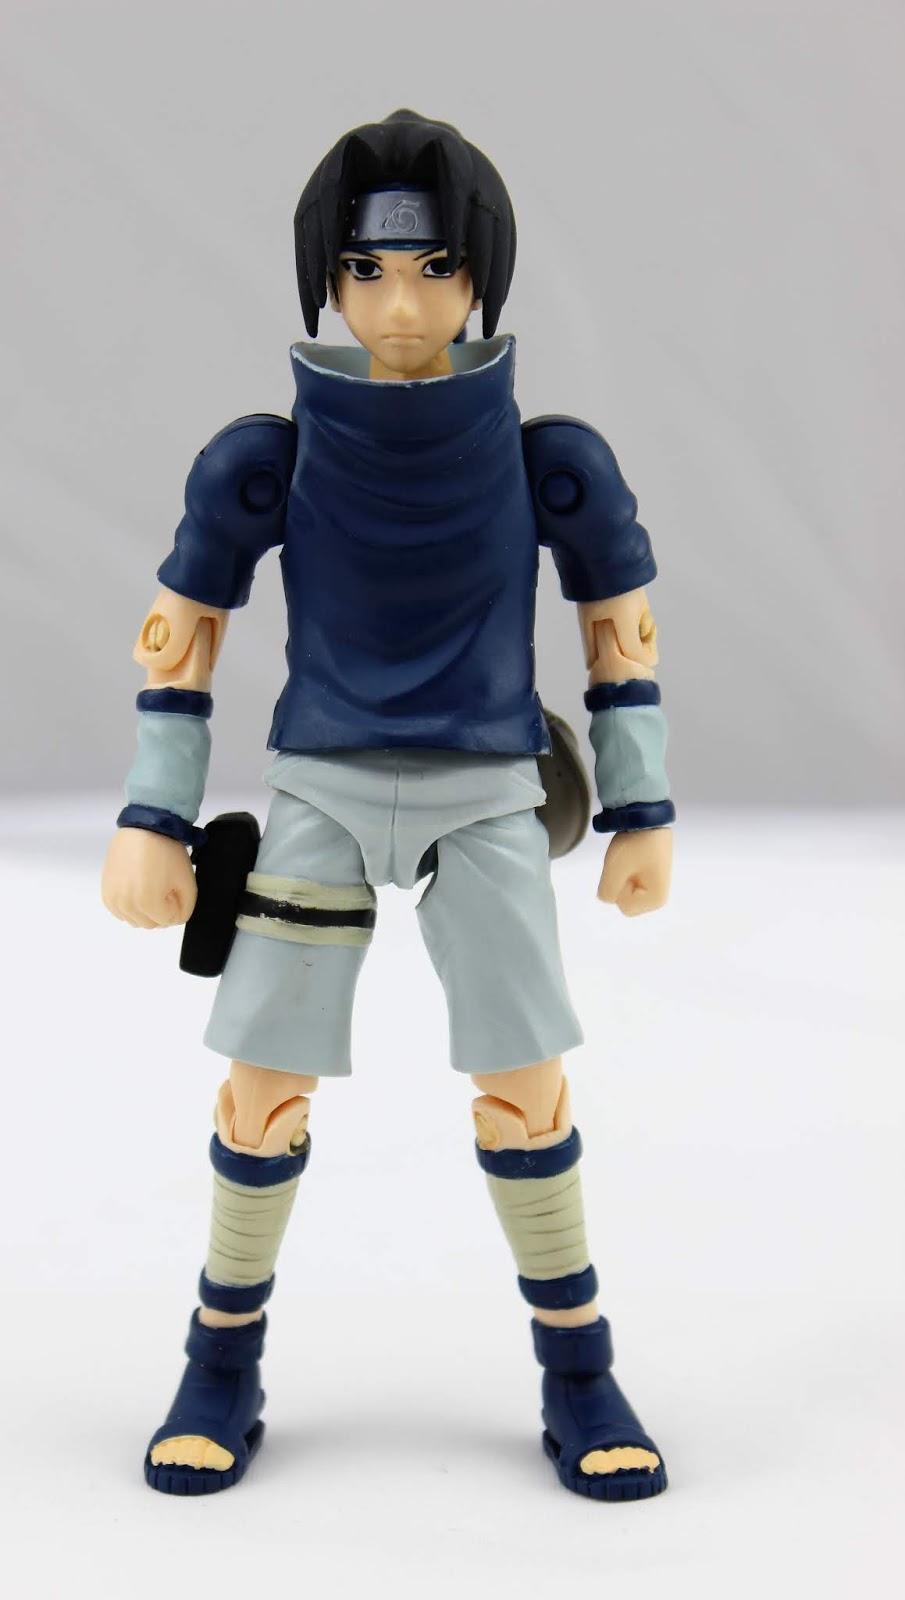 Jay S Toy Shelf Bandai Sasuke Uchiha 2003